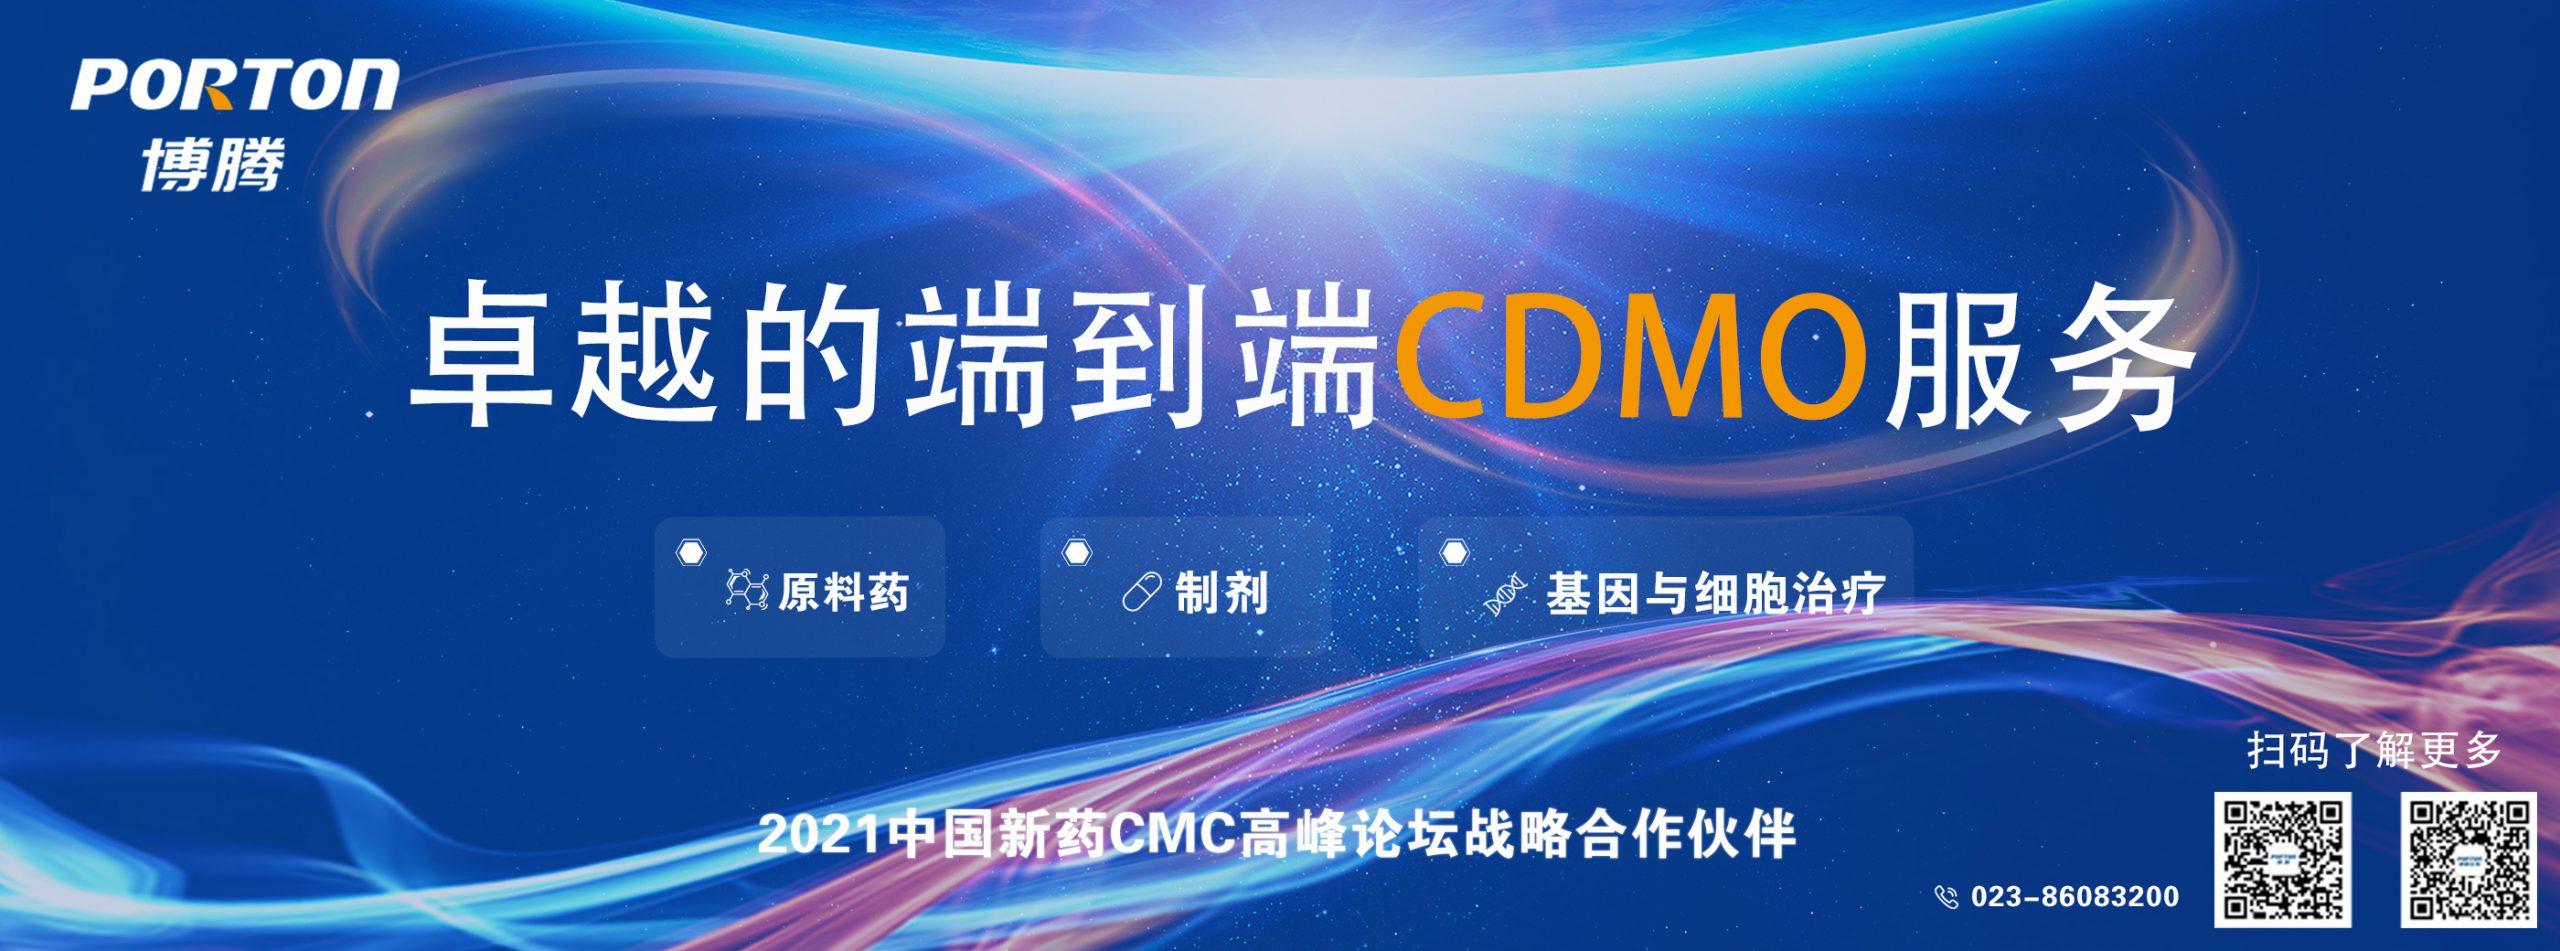 卓越的端到端CDMO服务